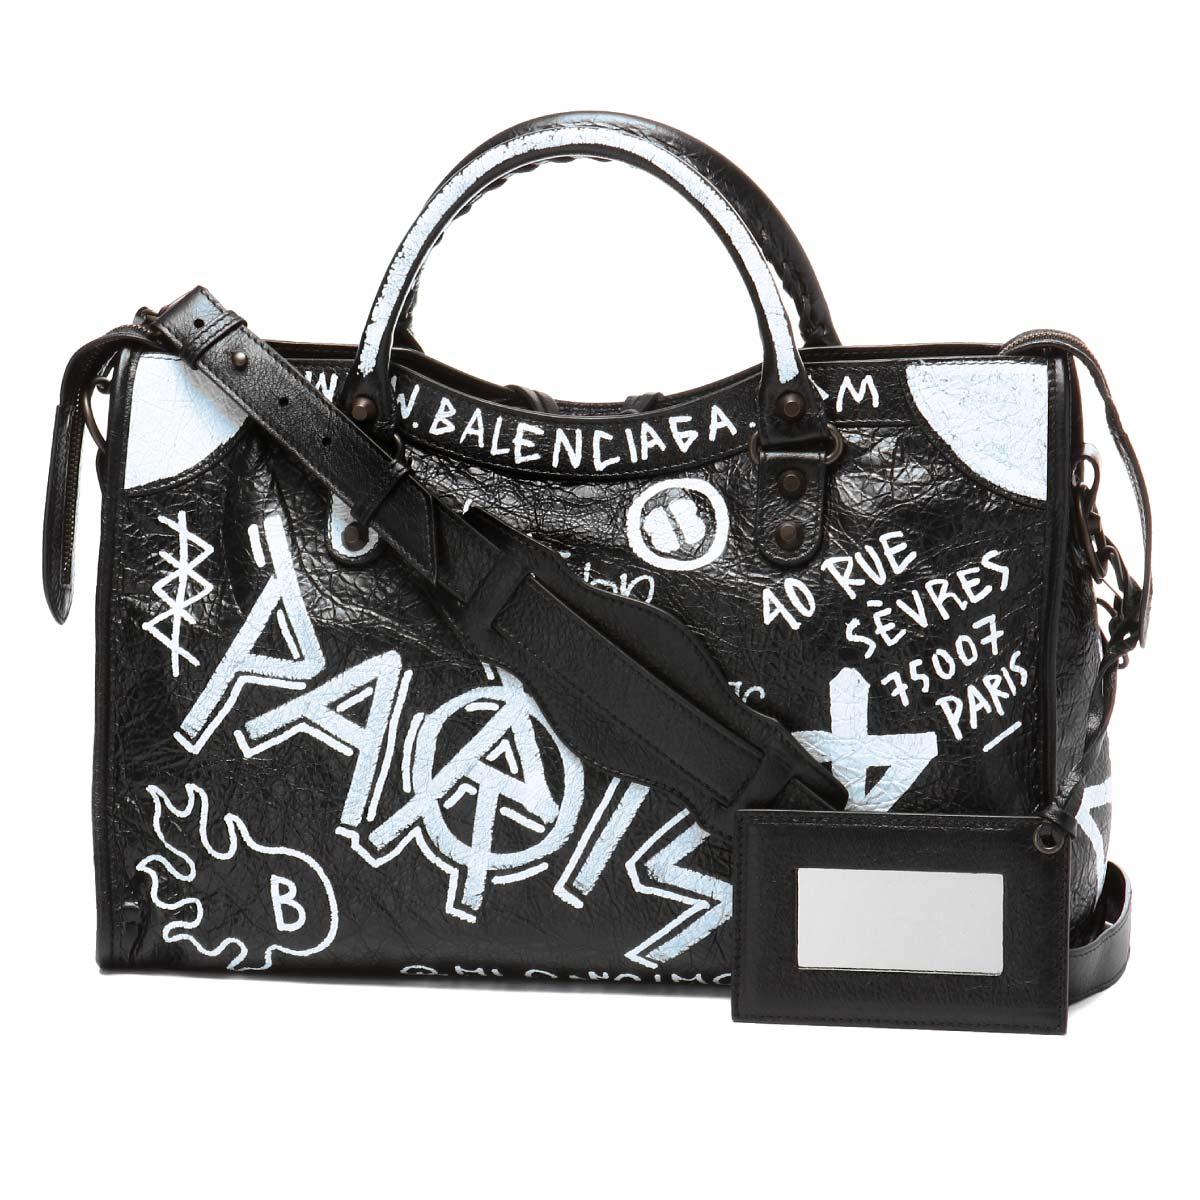 4d9af713a49b 505550 バレンシアガ BALENCIAGA bag lady 0FE1T 1090 shoulders handbag medium  GRAFFITI CLASSIC CITY graffiti classical music city BLACK WHITE black  belonging ...